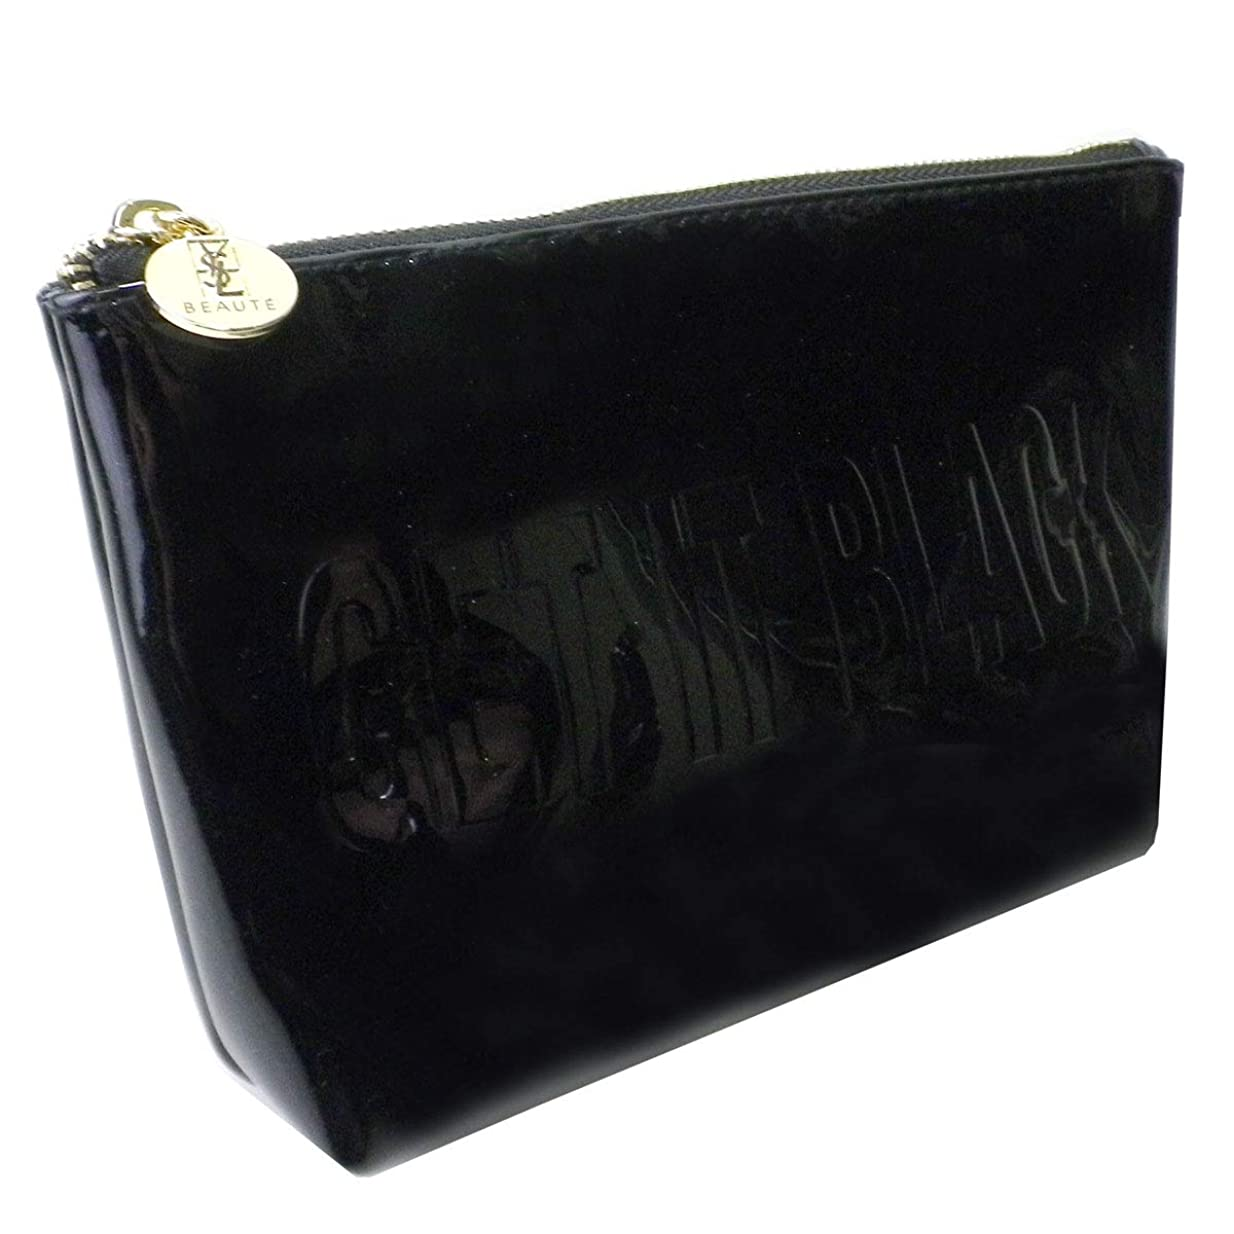 マットレスふざけた性差別Yves Saint Laurent(イヴ?サンローラン) ポーチ 小物入れ ロゴ 黒 ブラック GET IT BLACK エナメル 化粧 メイク コスメ